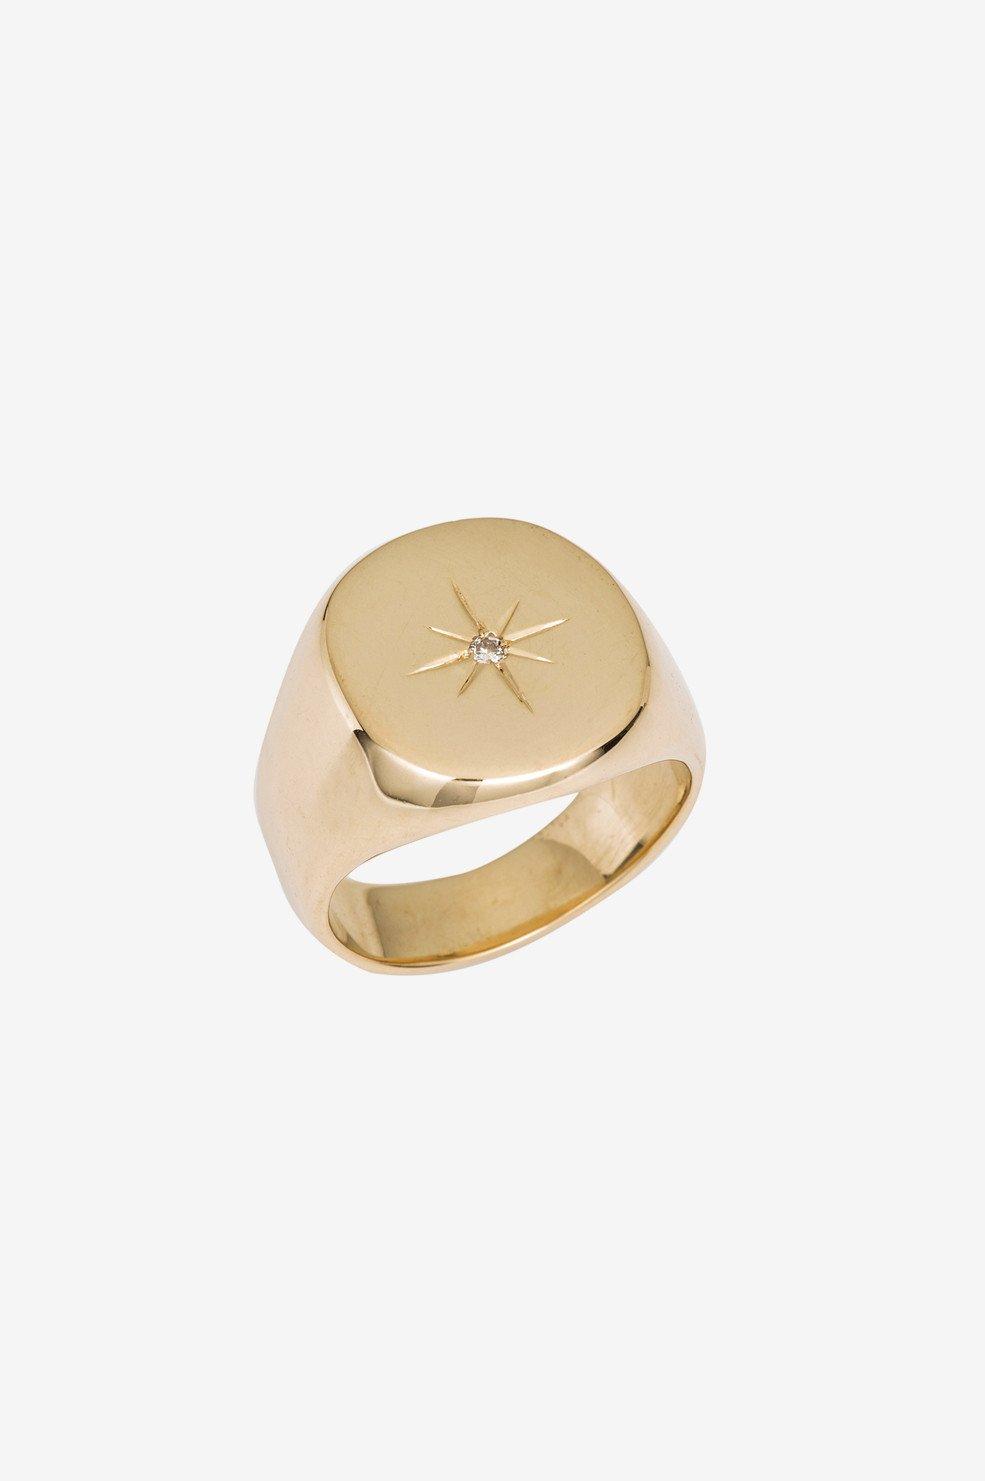 ANINE BING 14k Yellow Gold & Diamond Signet Ring  - 14k Gold - Size: 5